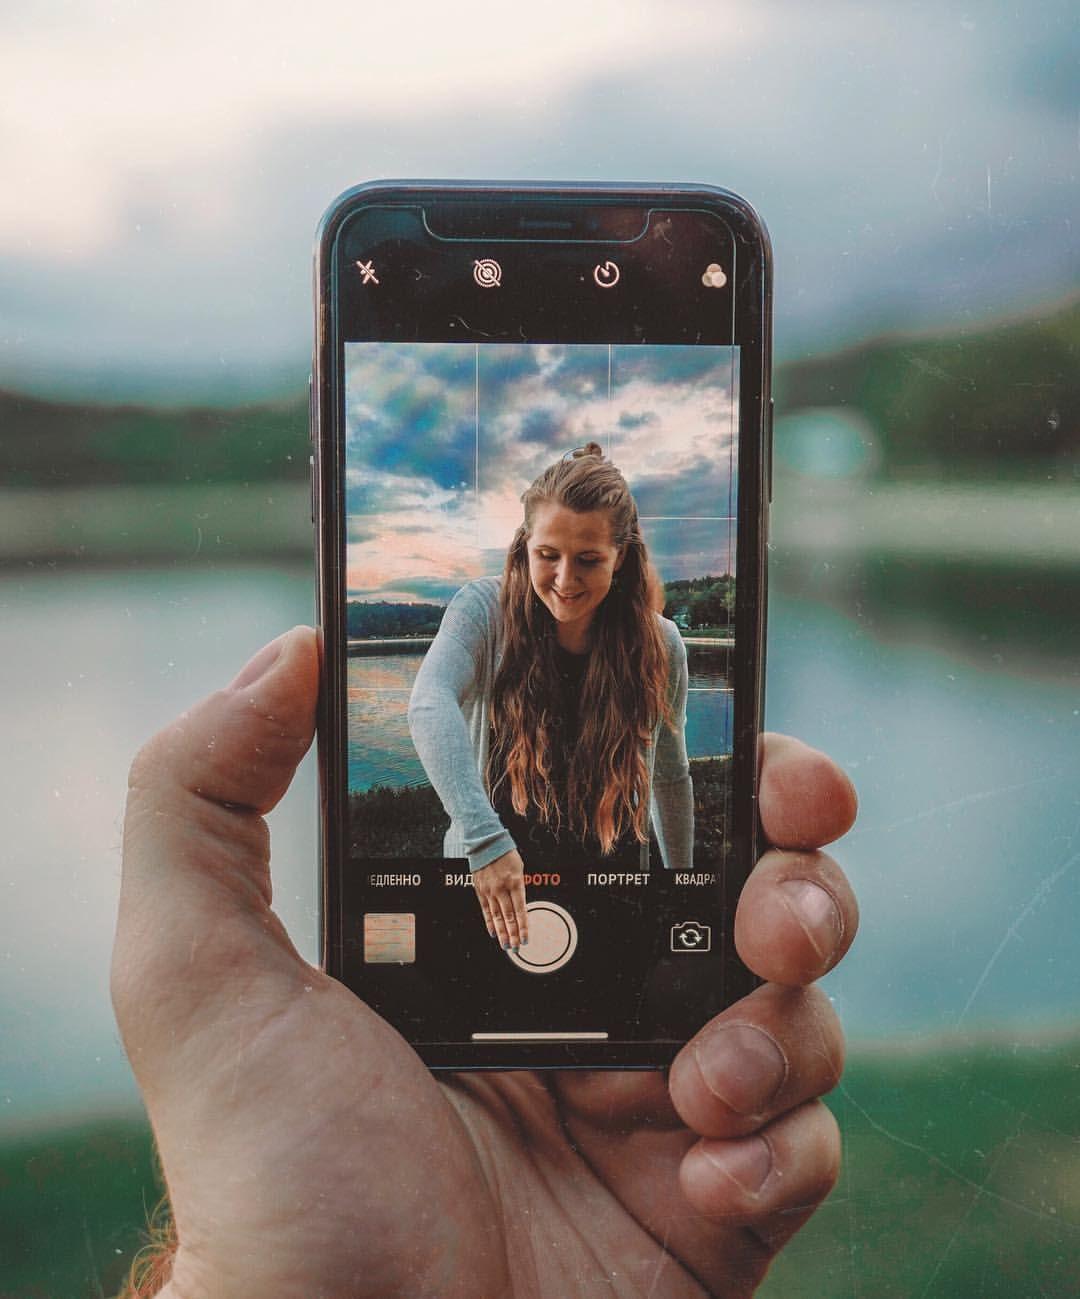 Идеи для фото в инстаграм необычные интересные идеи ...